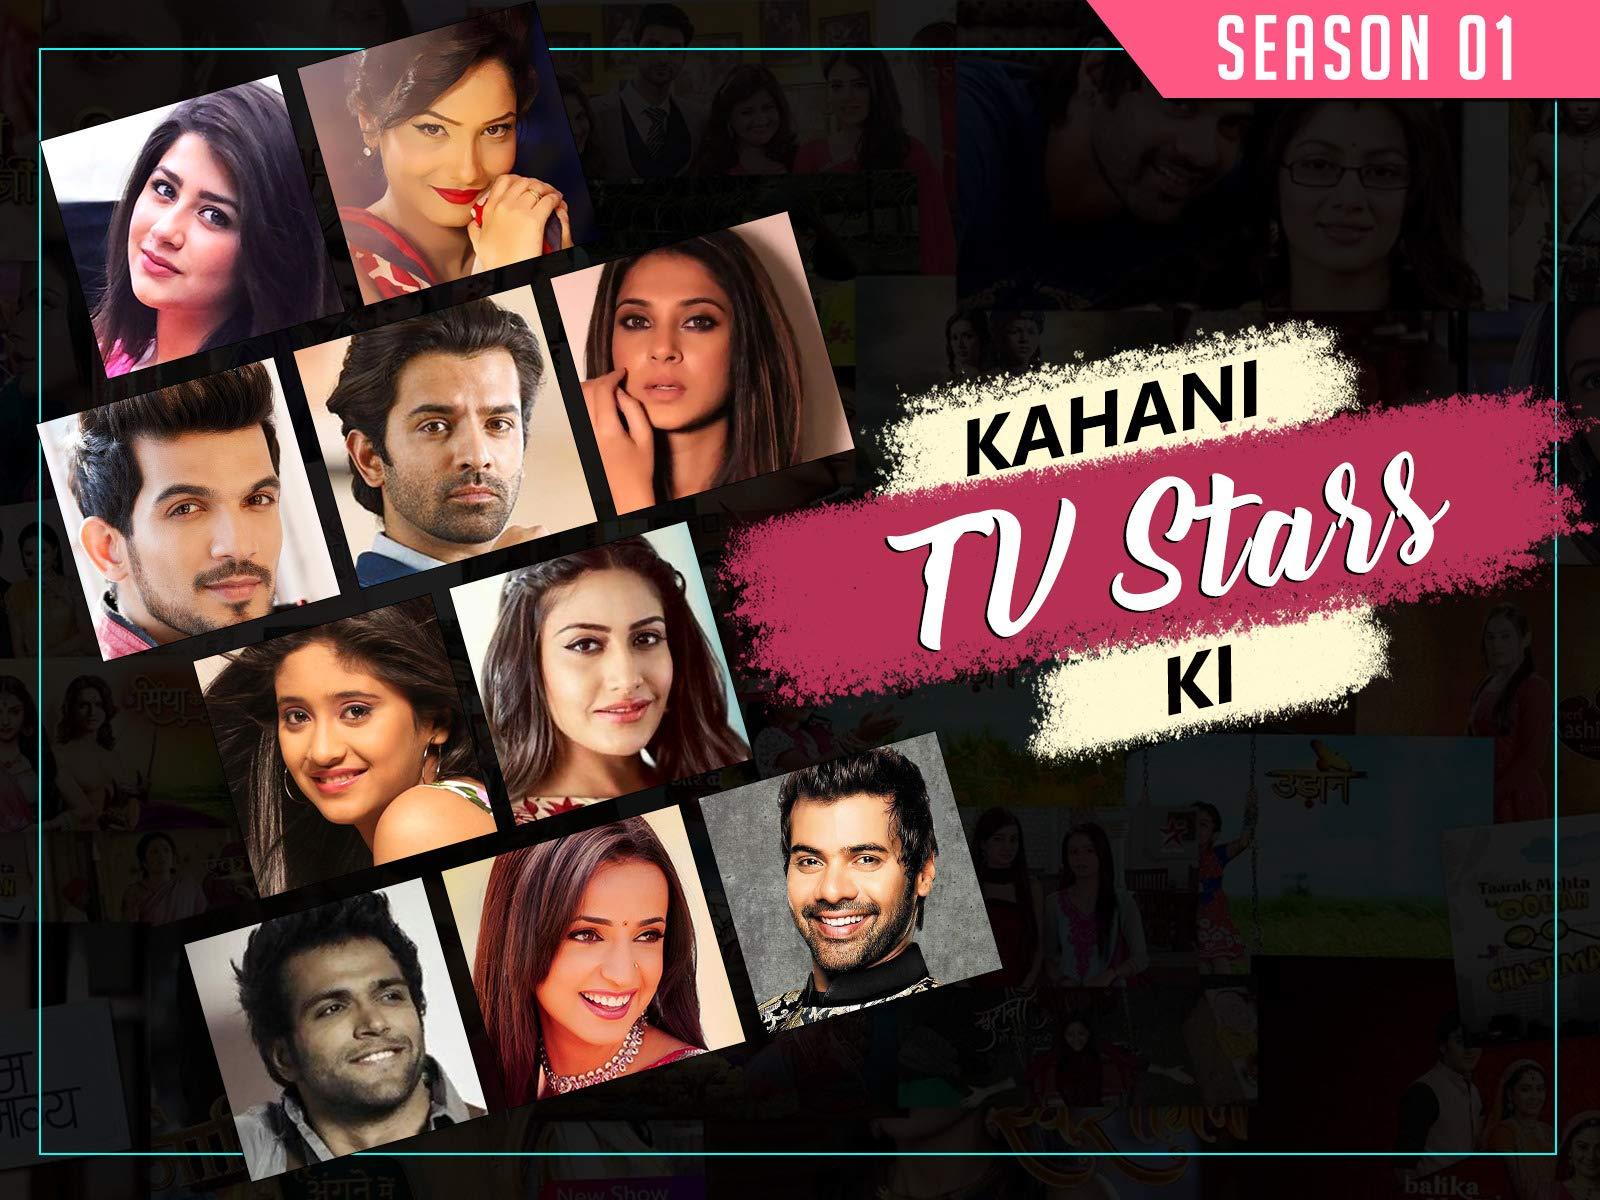 Clip: Kahani TV Stars ki - Season 1